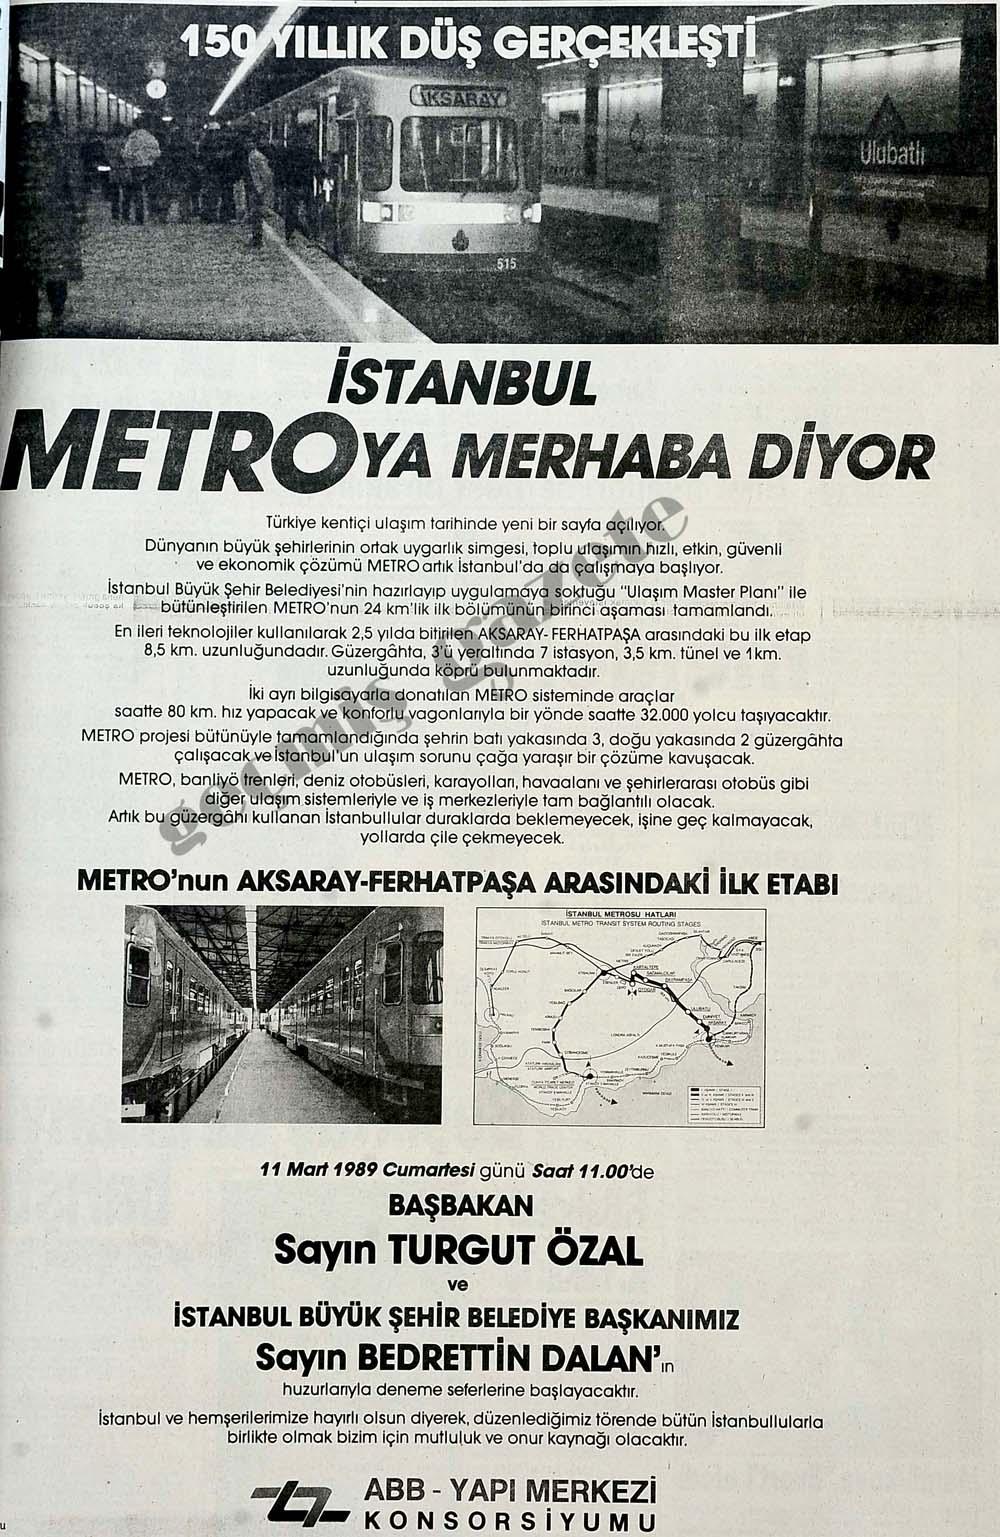 150 yıllık düş gerçekleşti, İstanbul Metro'ya merhaba diyor